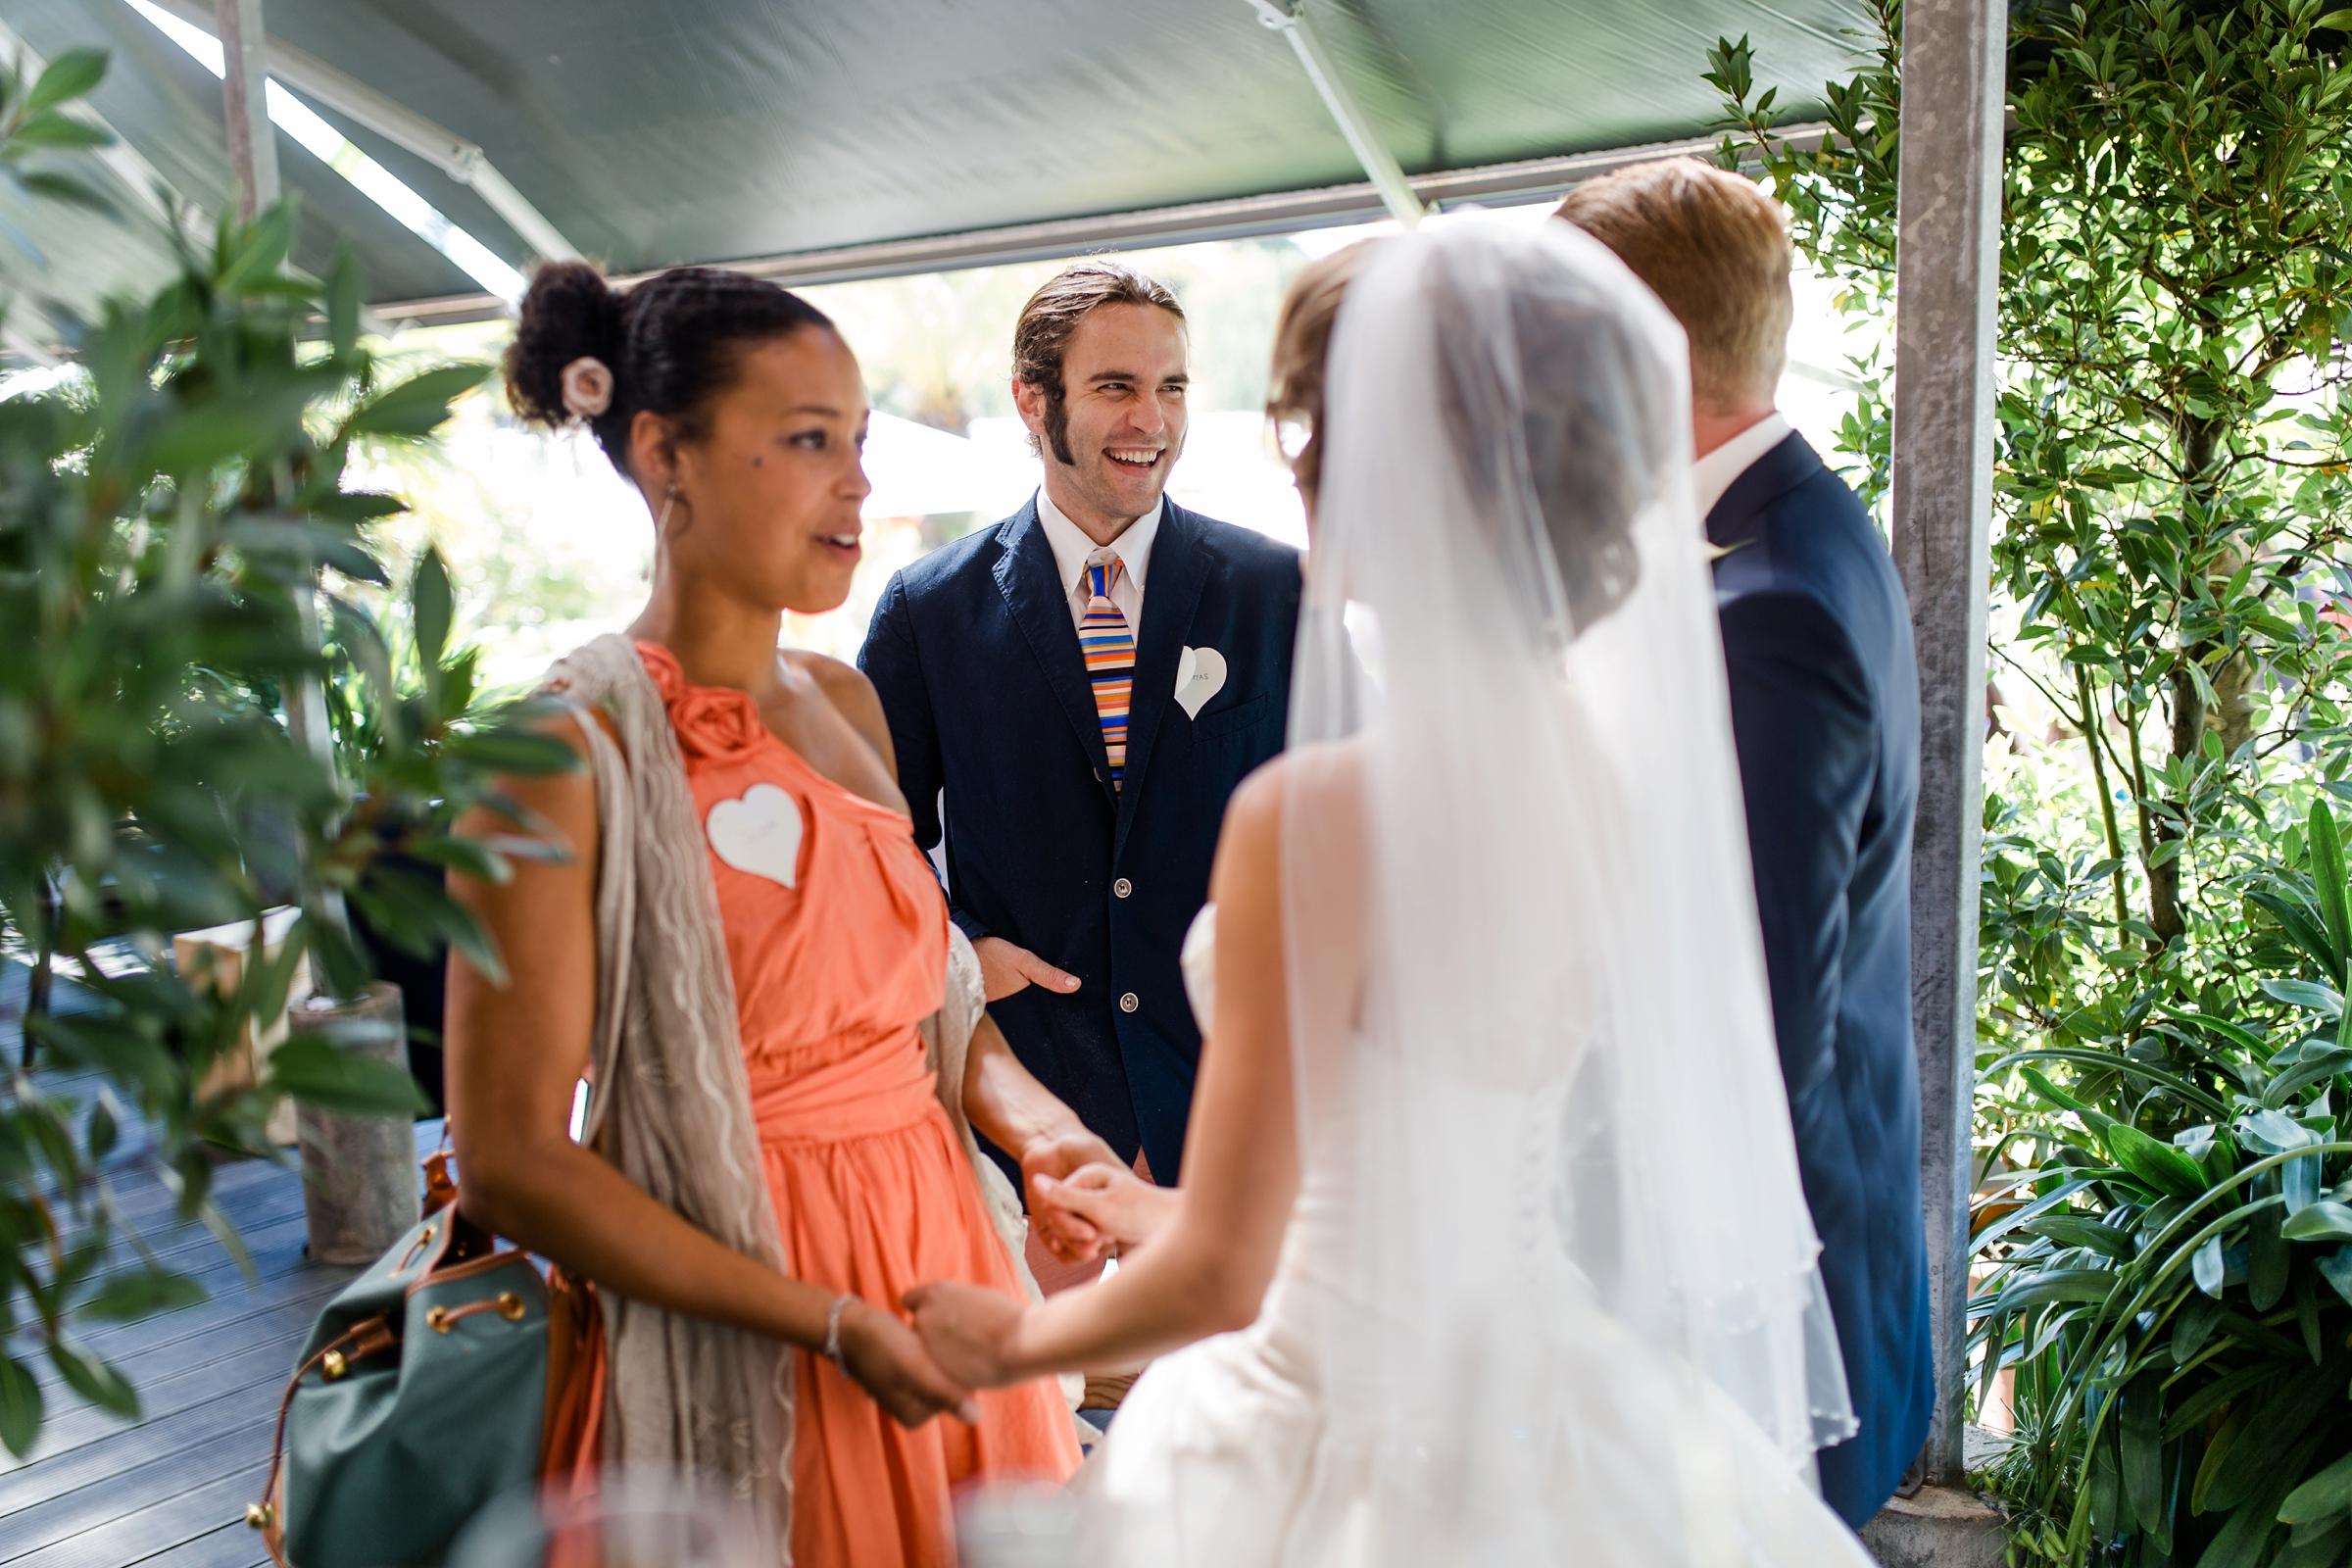 Hochzeitsreportage-Zuerich-Gaeste-gratulieren-Brautpaar-Giardino-Verde-Uitikon